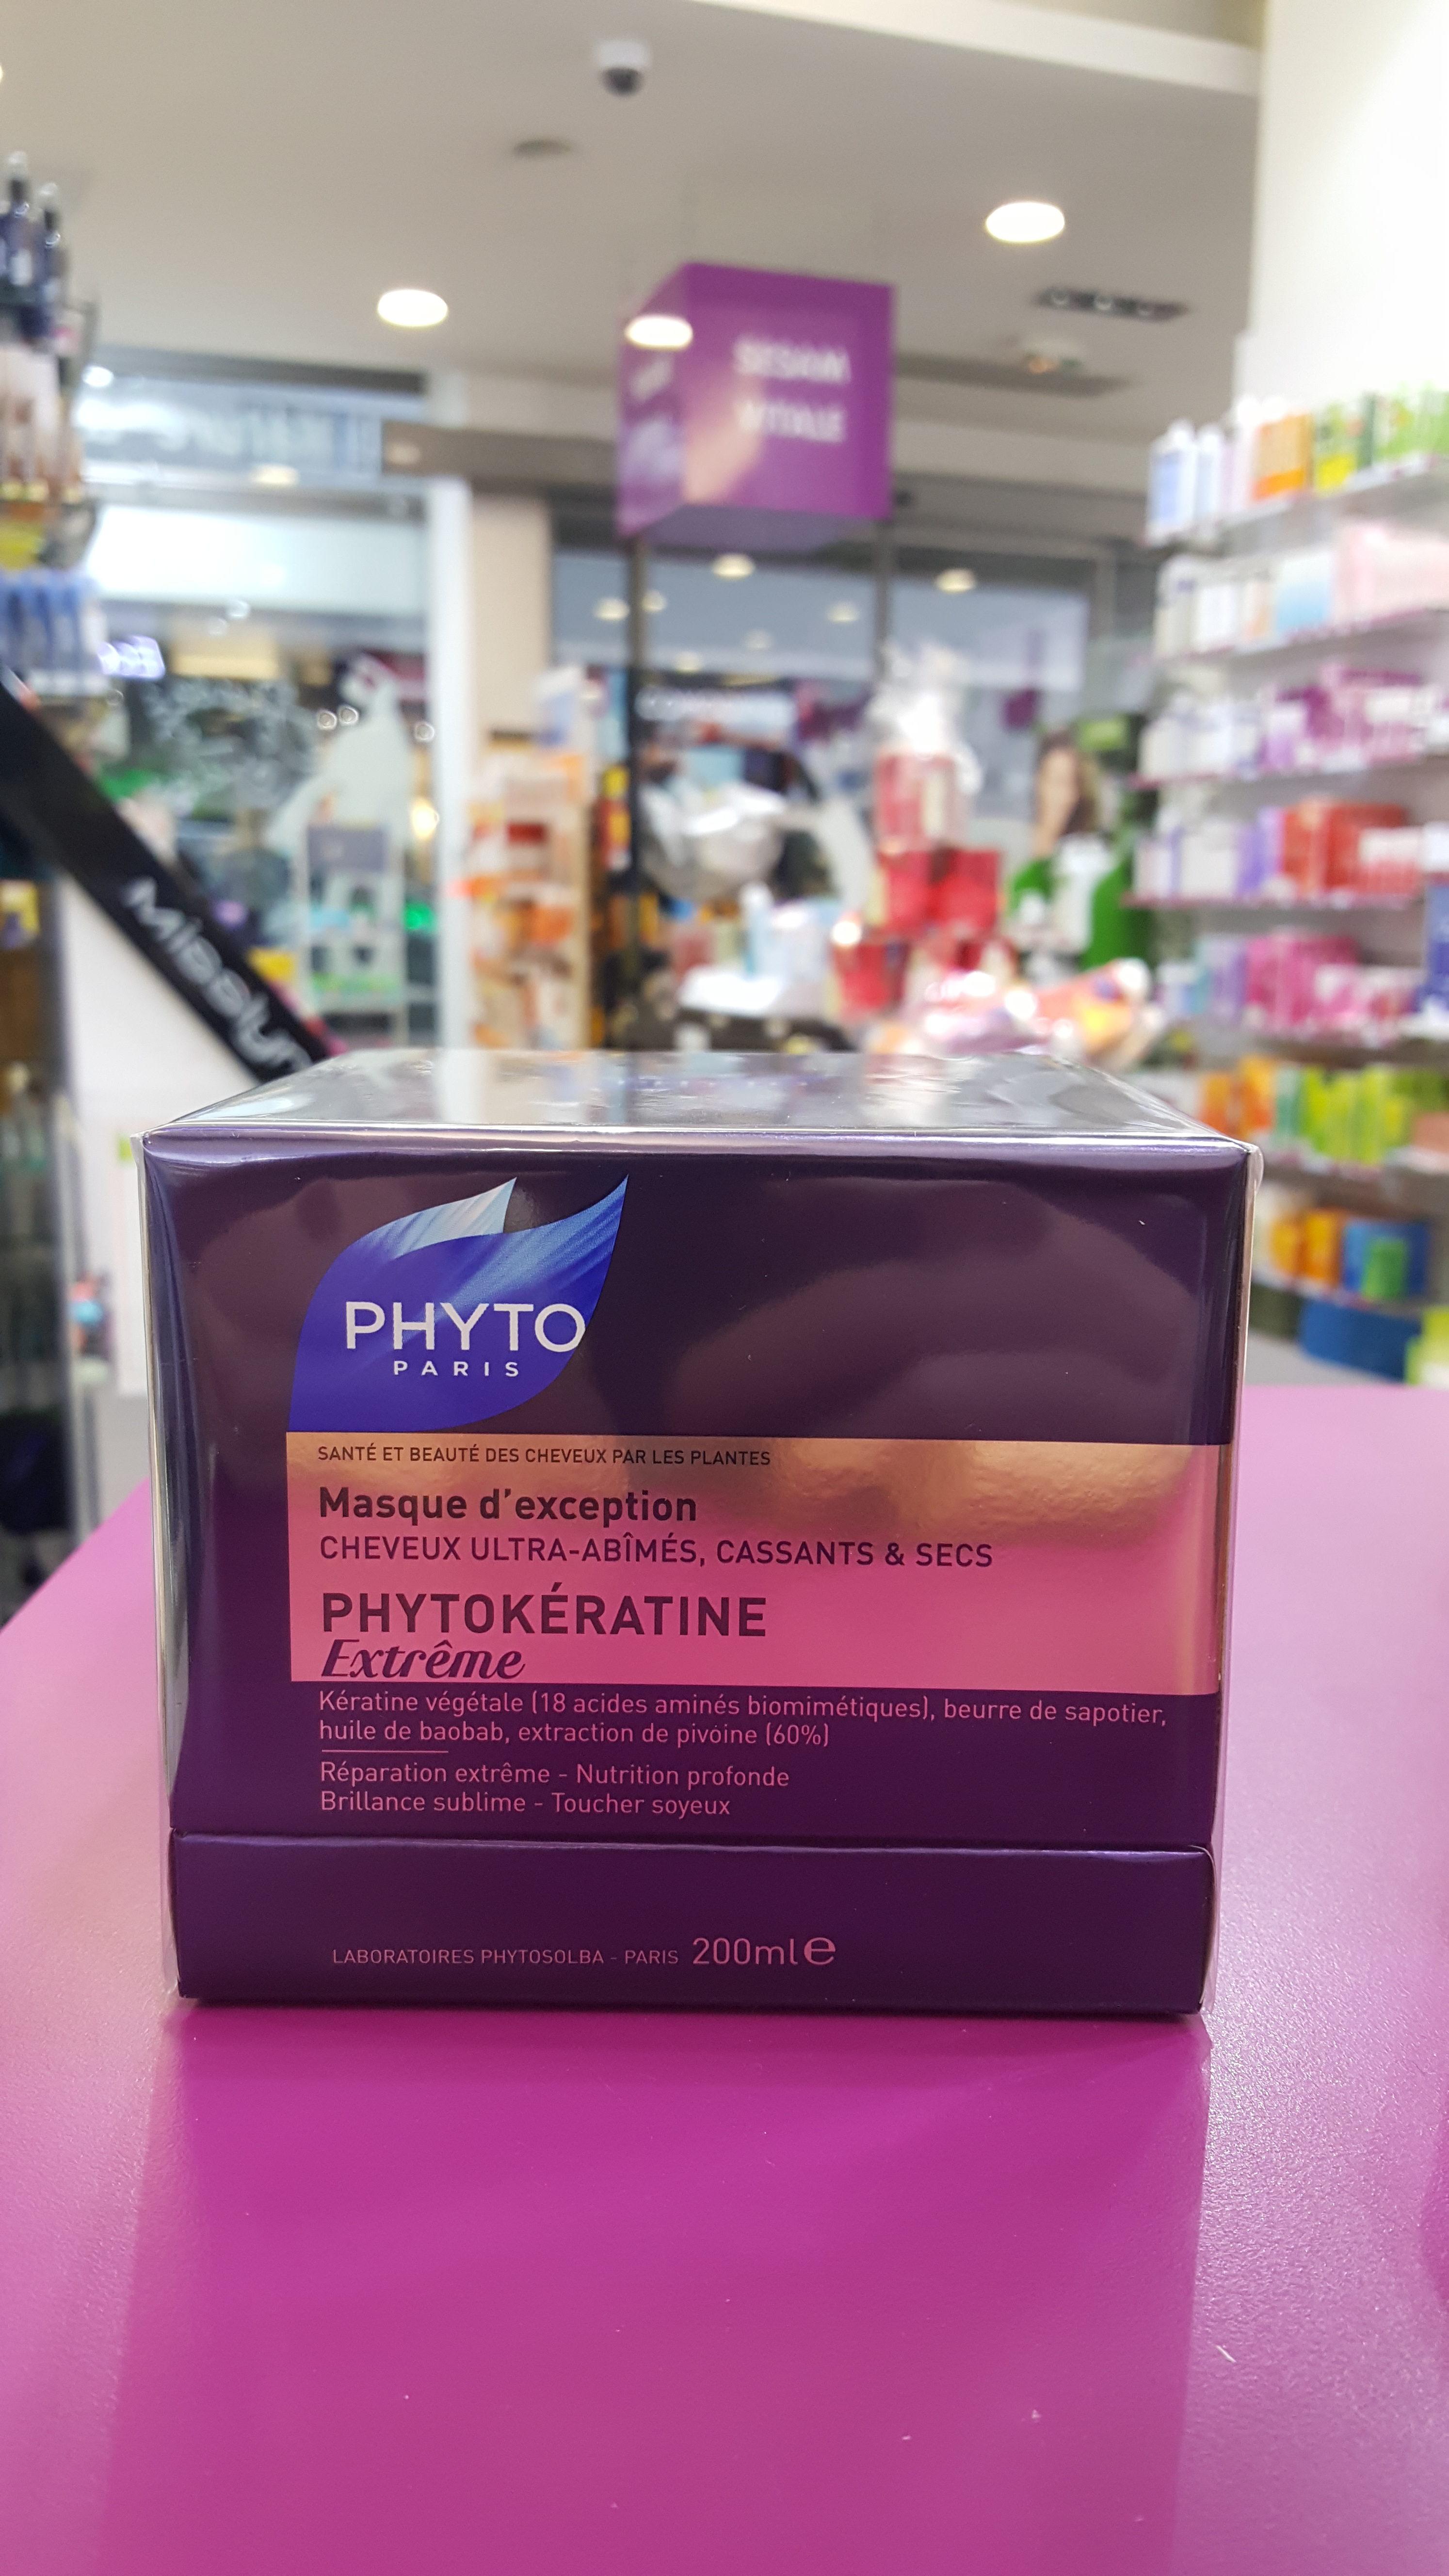 PhytokératinePhyto cheveux